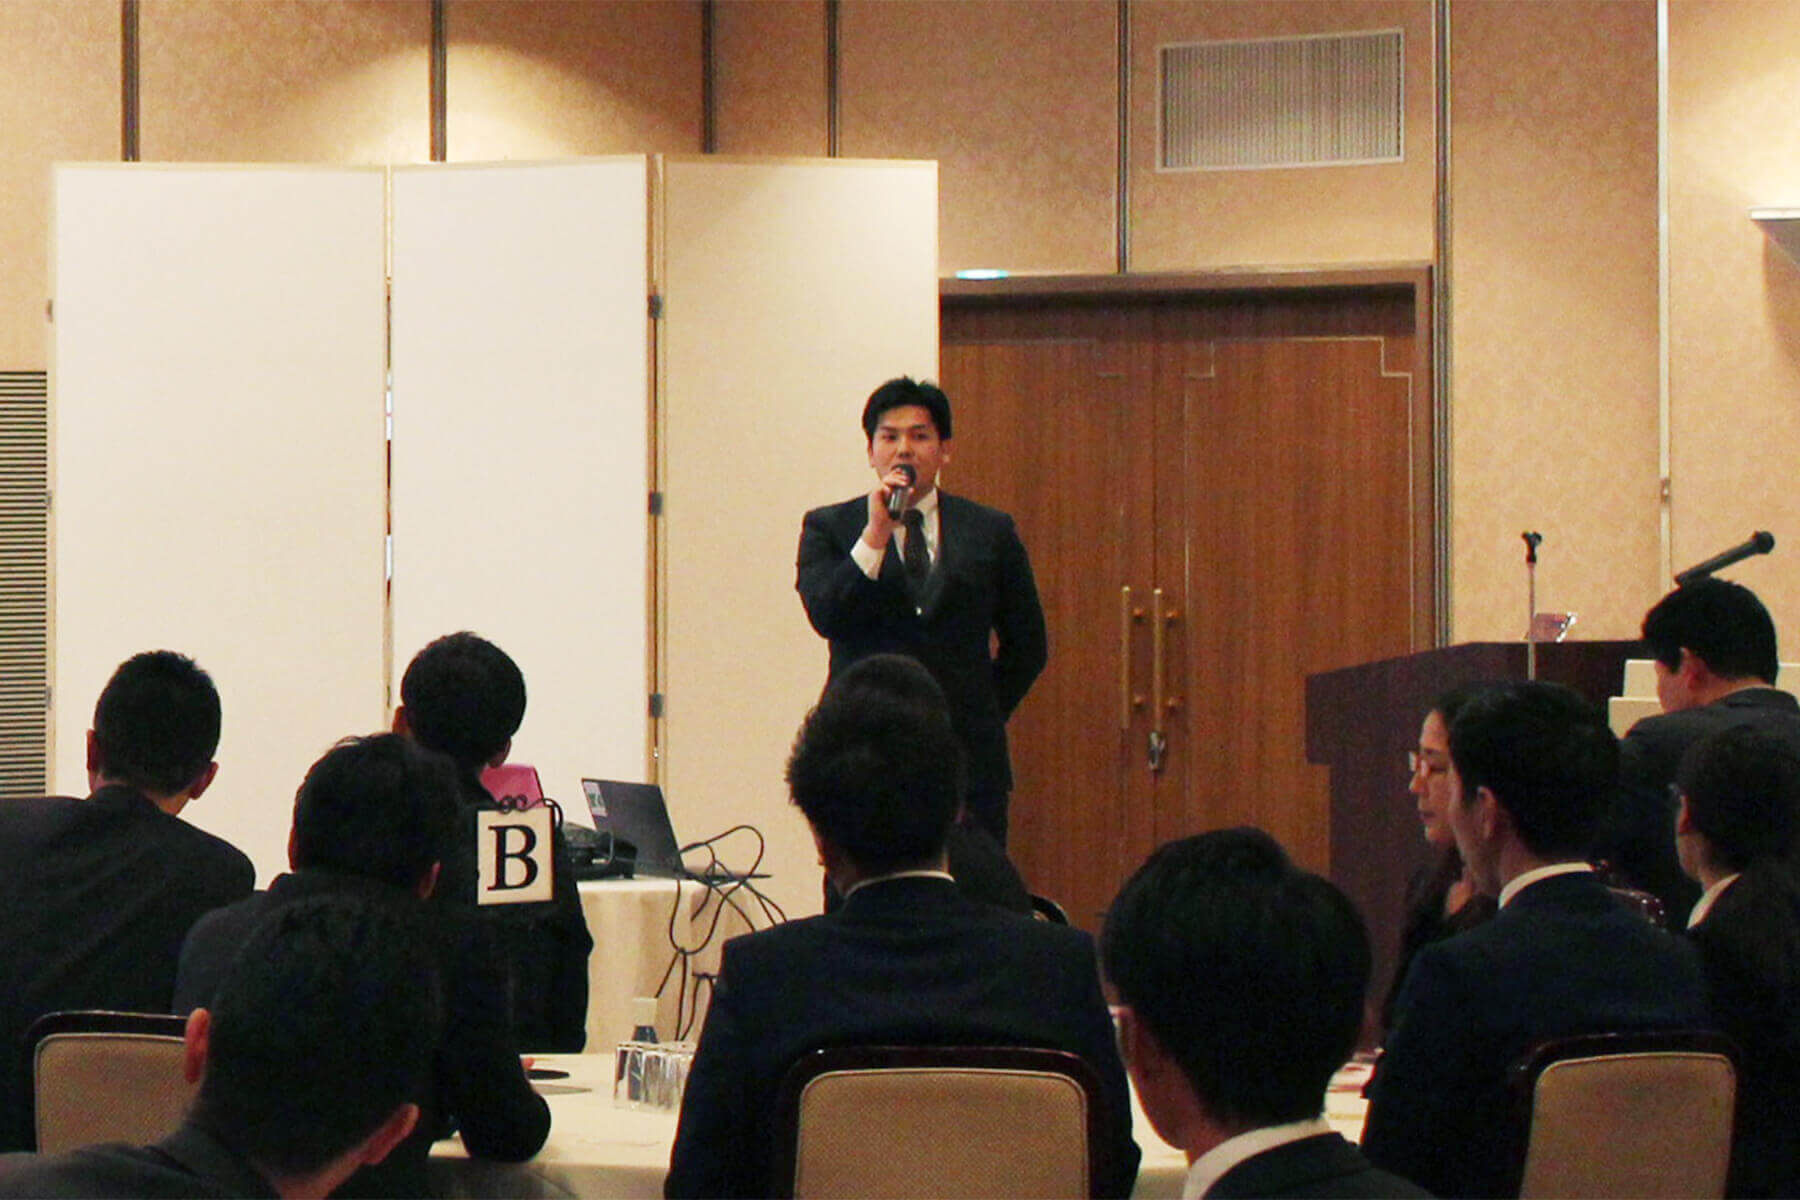 朝日I&Rリアルティ代表 淺野怜史より、新ブランド「OURS」についての説明、グループ全体としてのブランディング方針・戦略などの説明がありました。